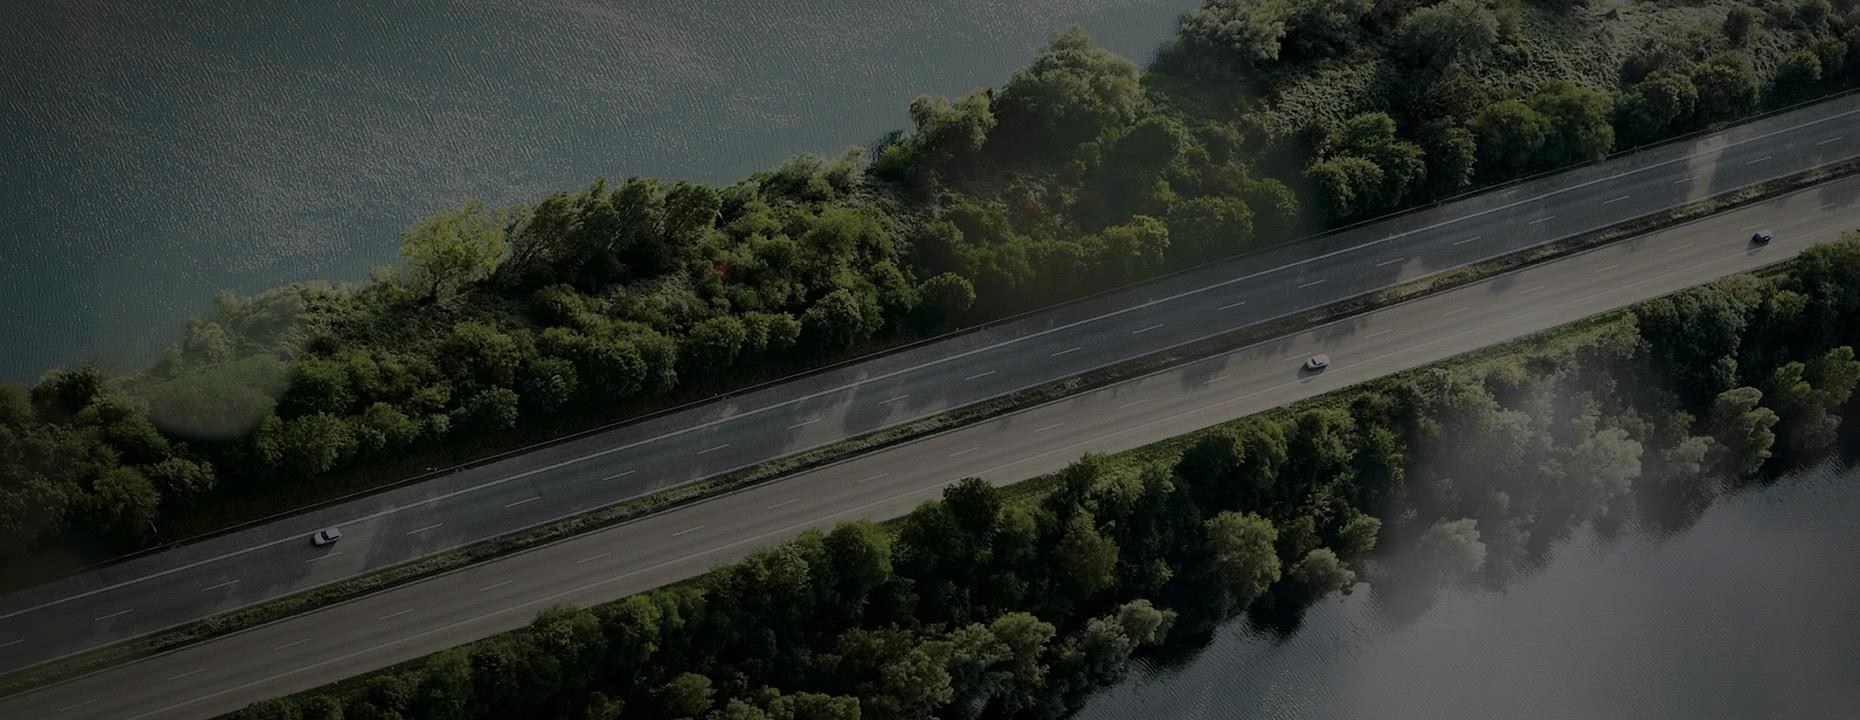 Регламентне техобслуговування автомобілів Hyundai можна пройти після закінчення карантину | Хюндай Мотор Україна - фото 7